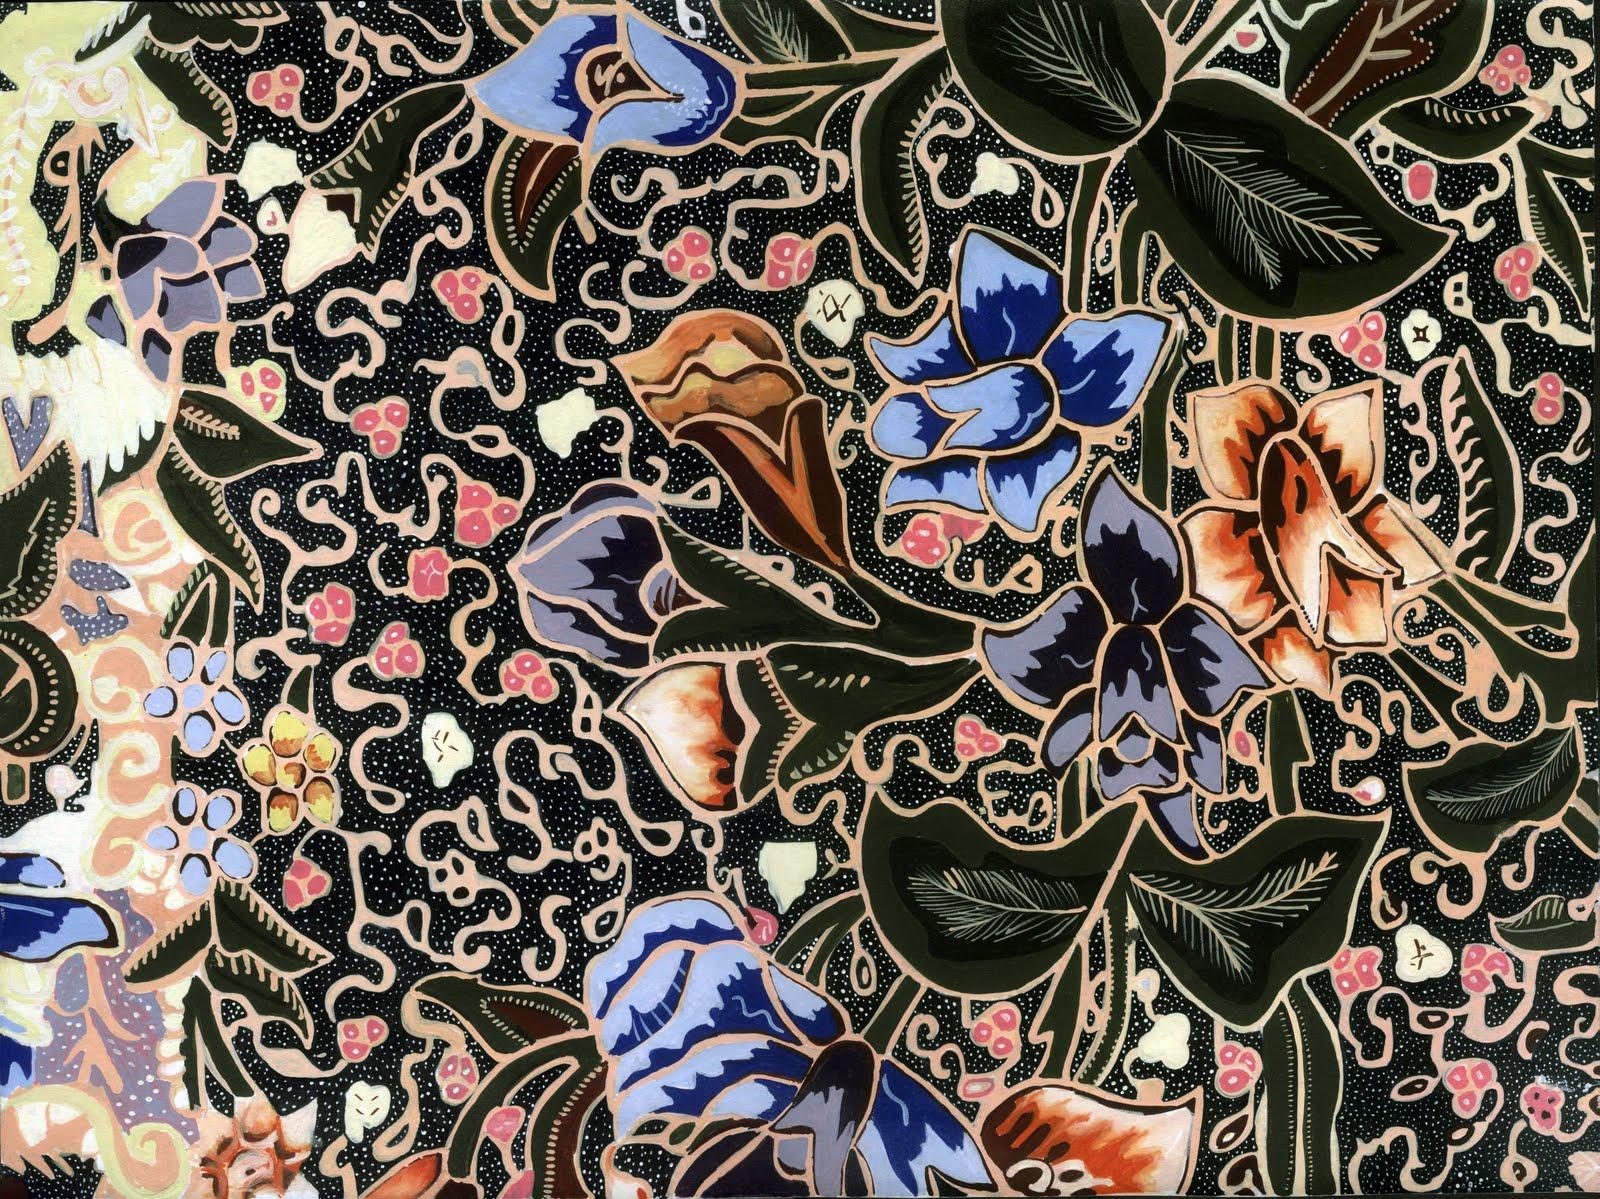 10 Jenis Motif Batik Paling Populer di Indonesia - Satu Jam